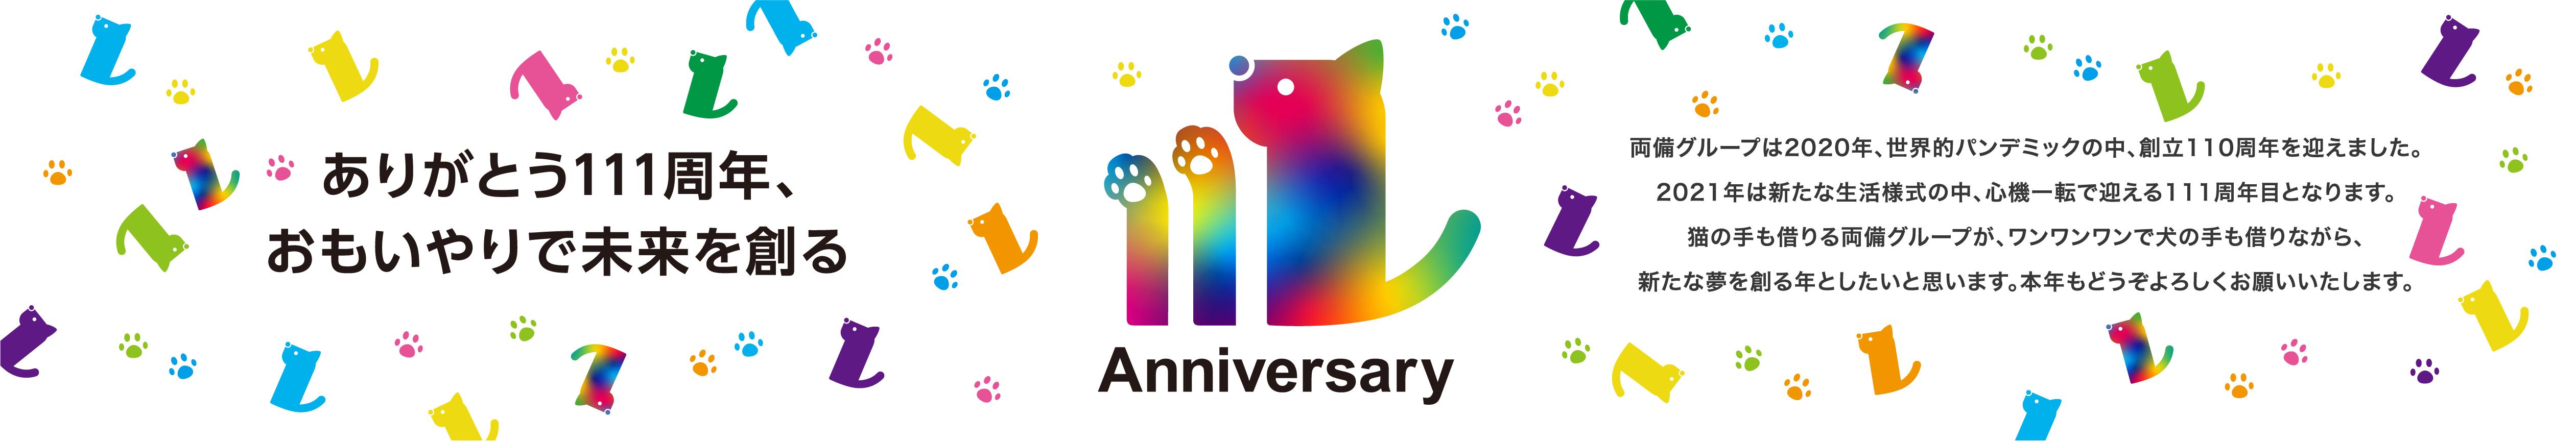 両備グループ111周年記念サイト01